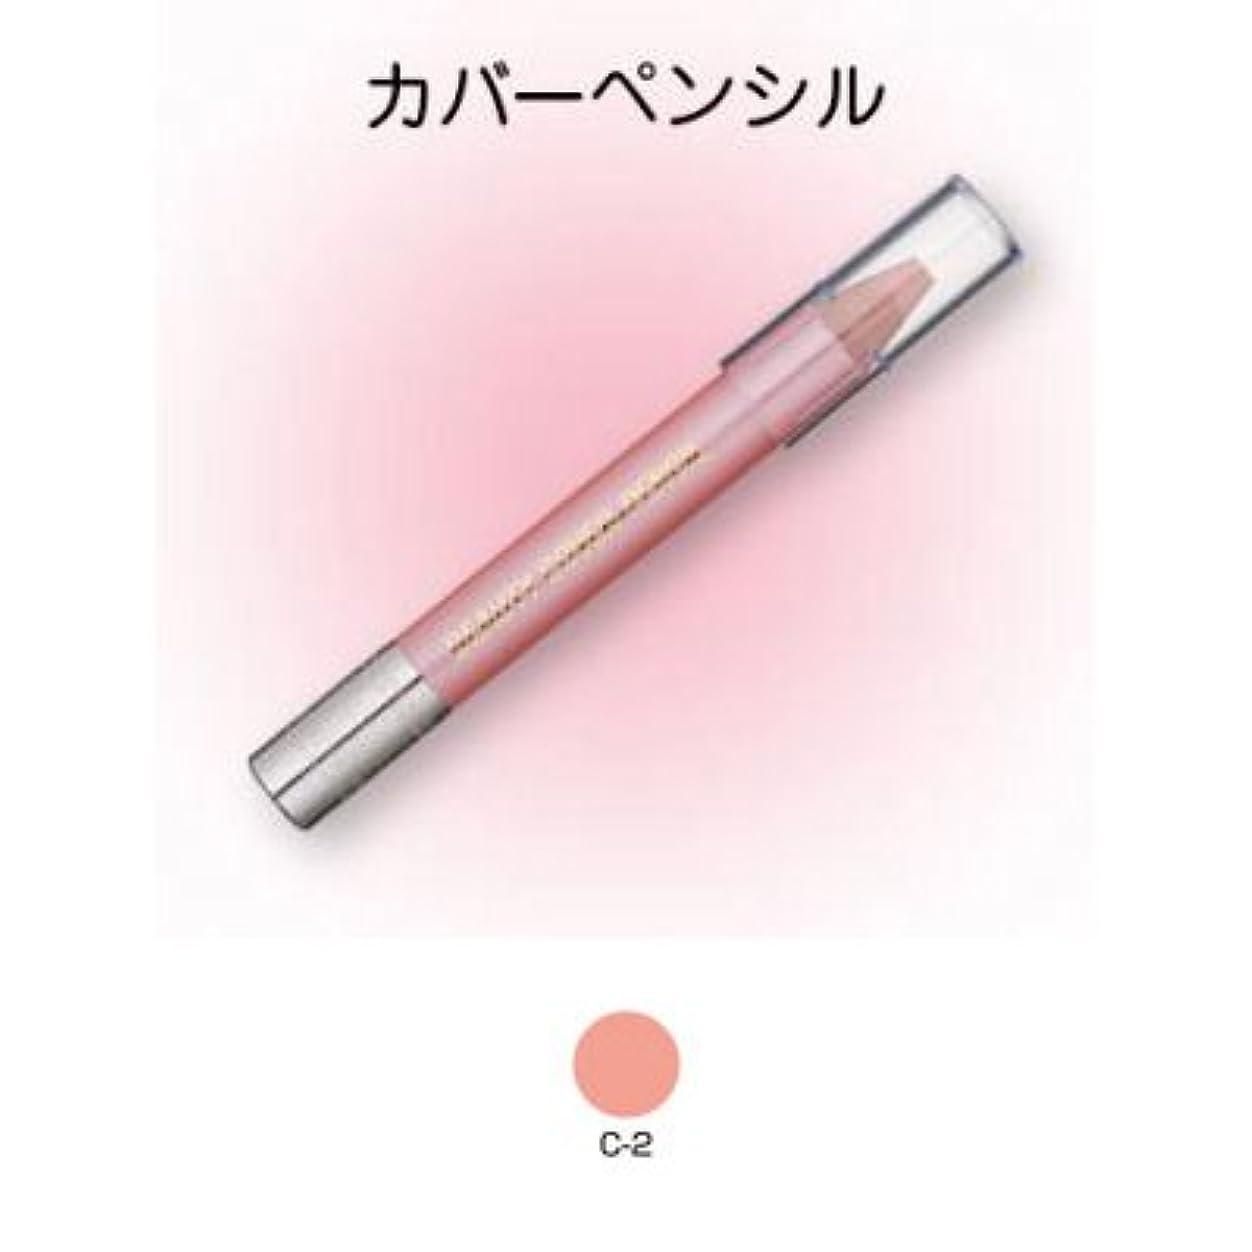 飛躍禁止する波紋ビューティーカバーペンシル C-2【三善】